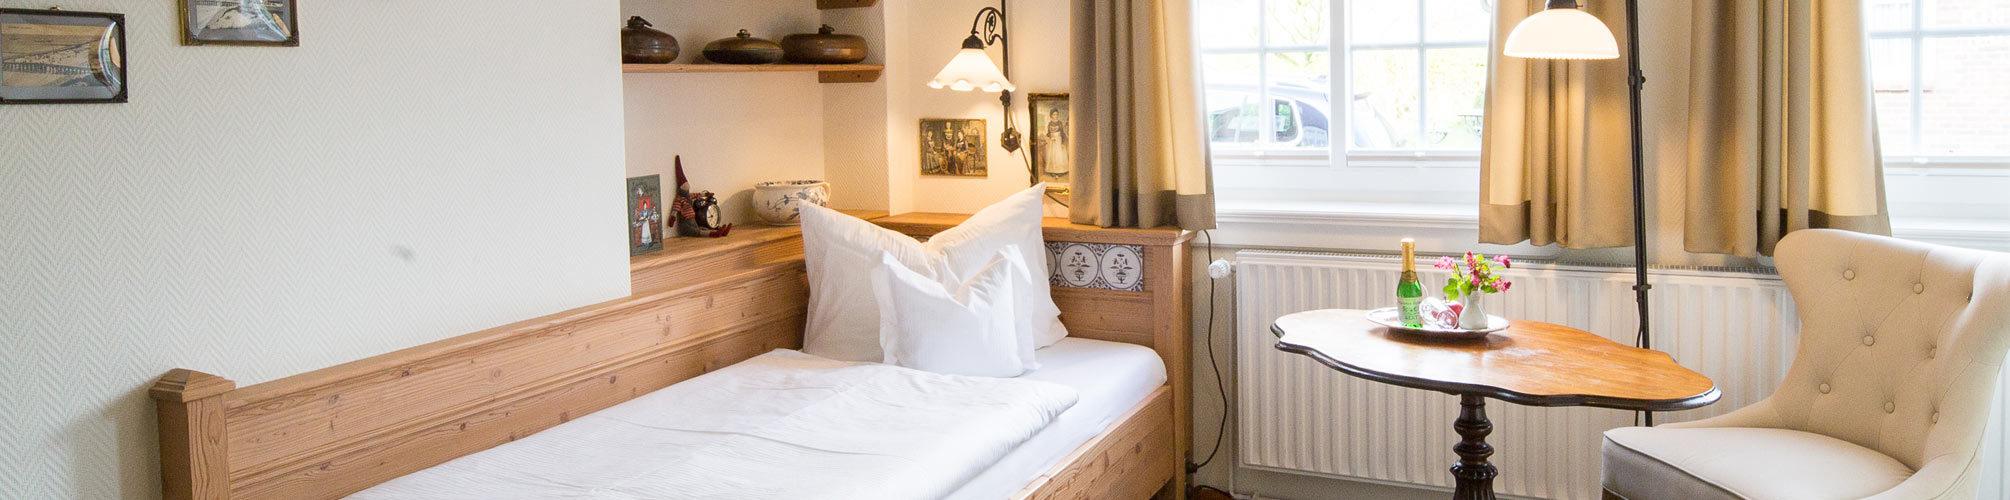 hotel-pension-uetjkiek-hotelzimmer-4